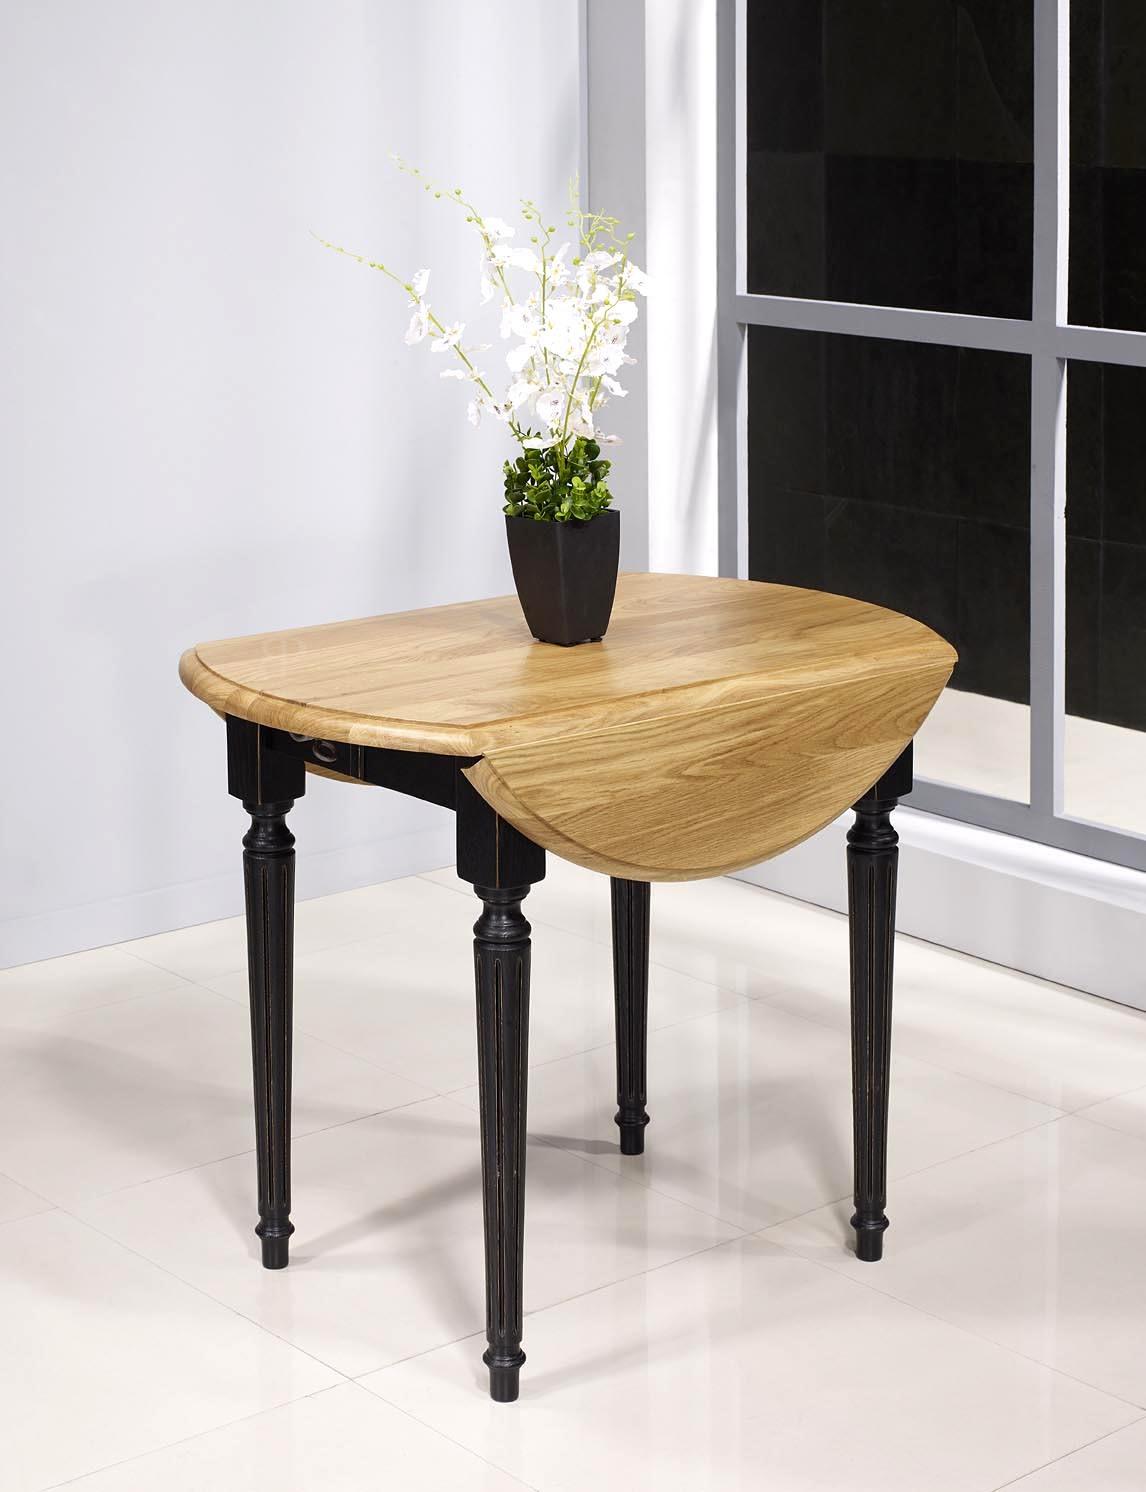 Table ronde volets diam tre 90 en ch ne massif de style - Table ronde chene massif avec allonges ...